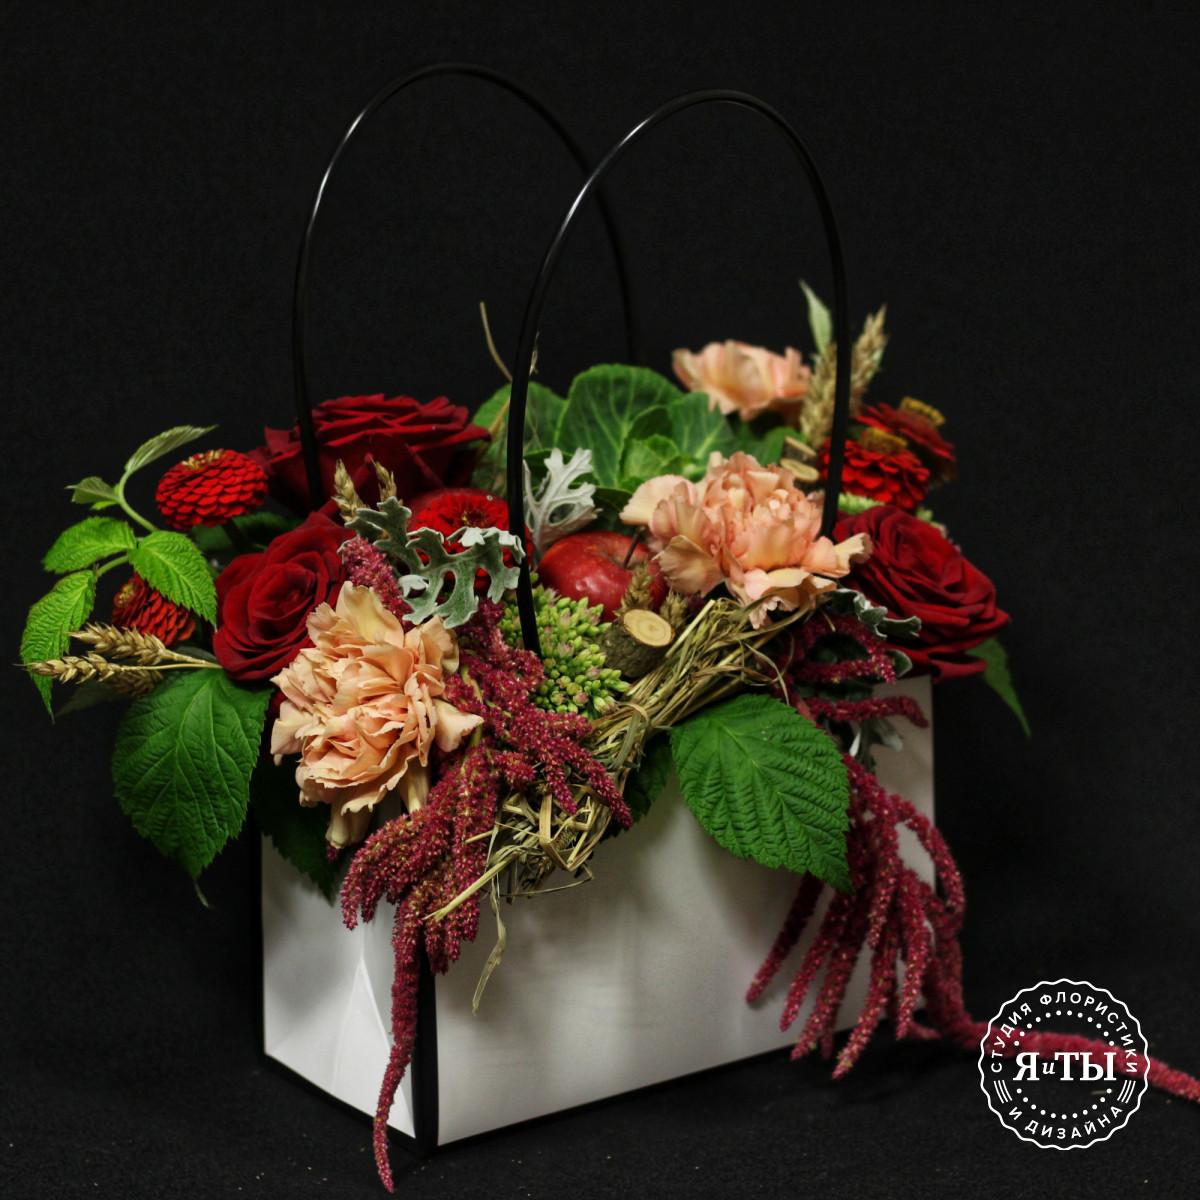 Яркая композиция с яблоками в сумочке